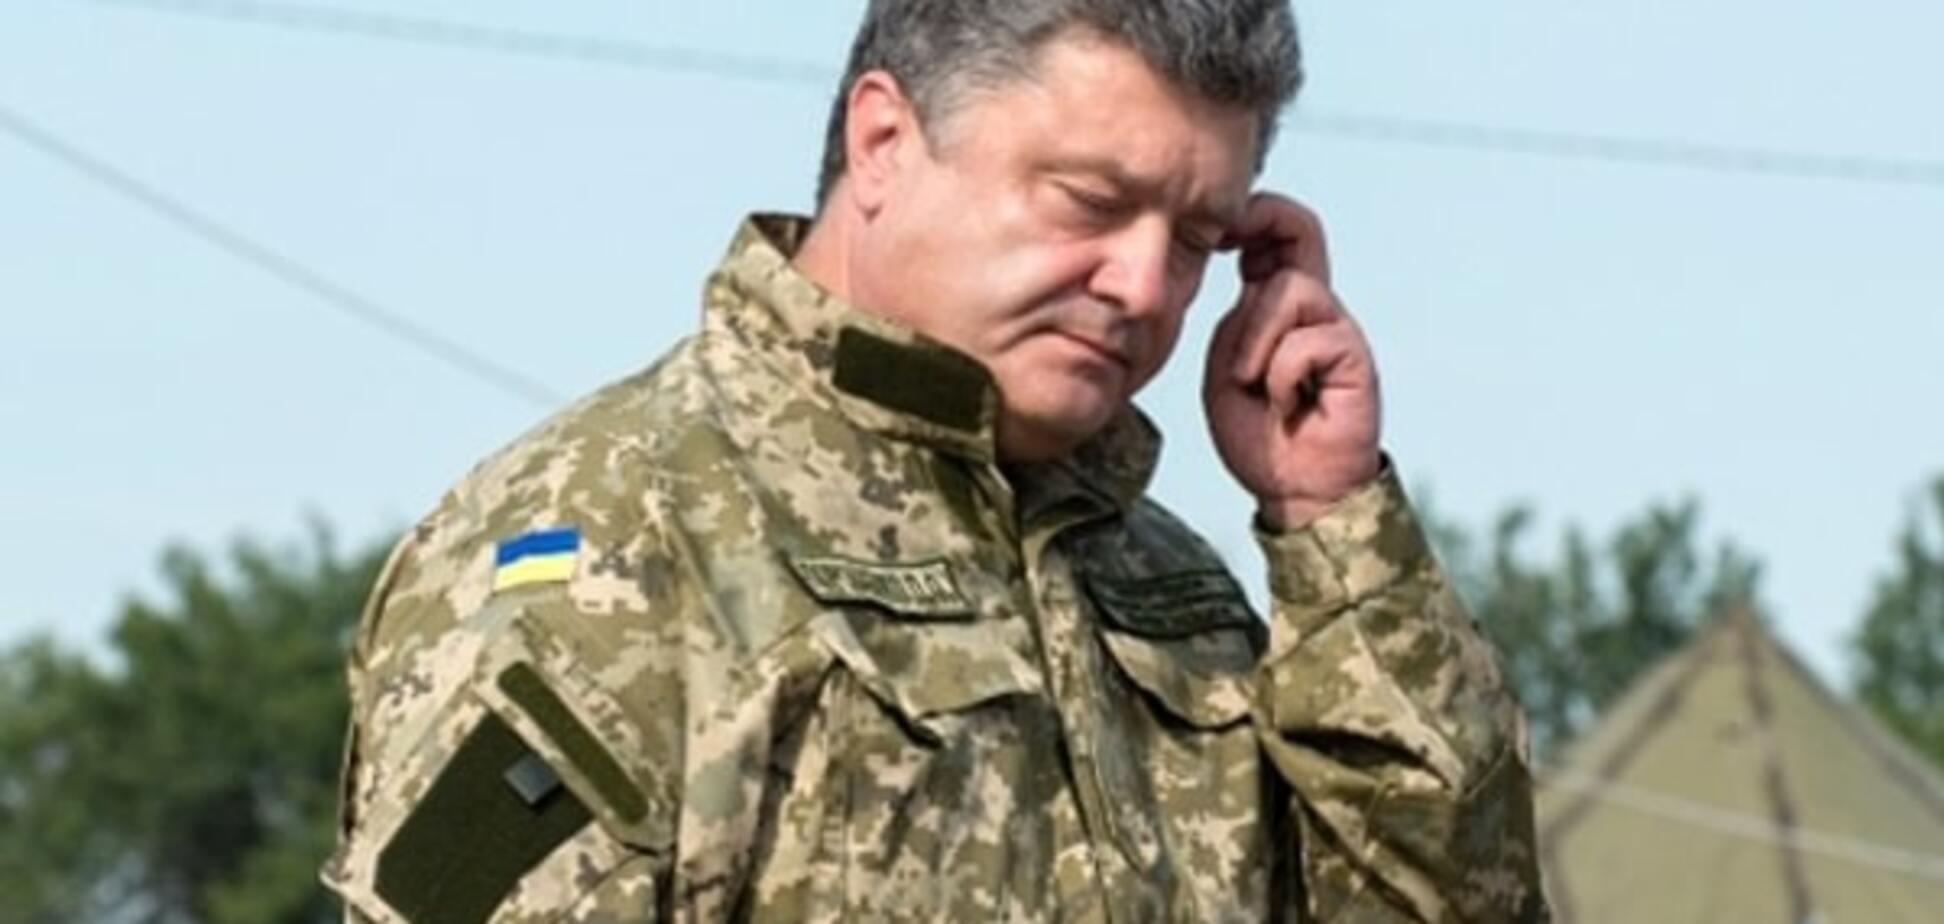 'Може, оглух?' Балозі, який 'не чує', розповіли про 350 млн грн, які Порошенко подарував ЗСУ